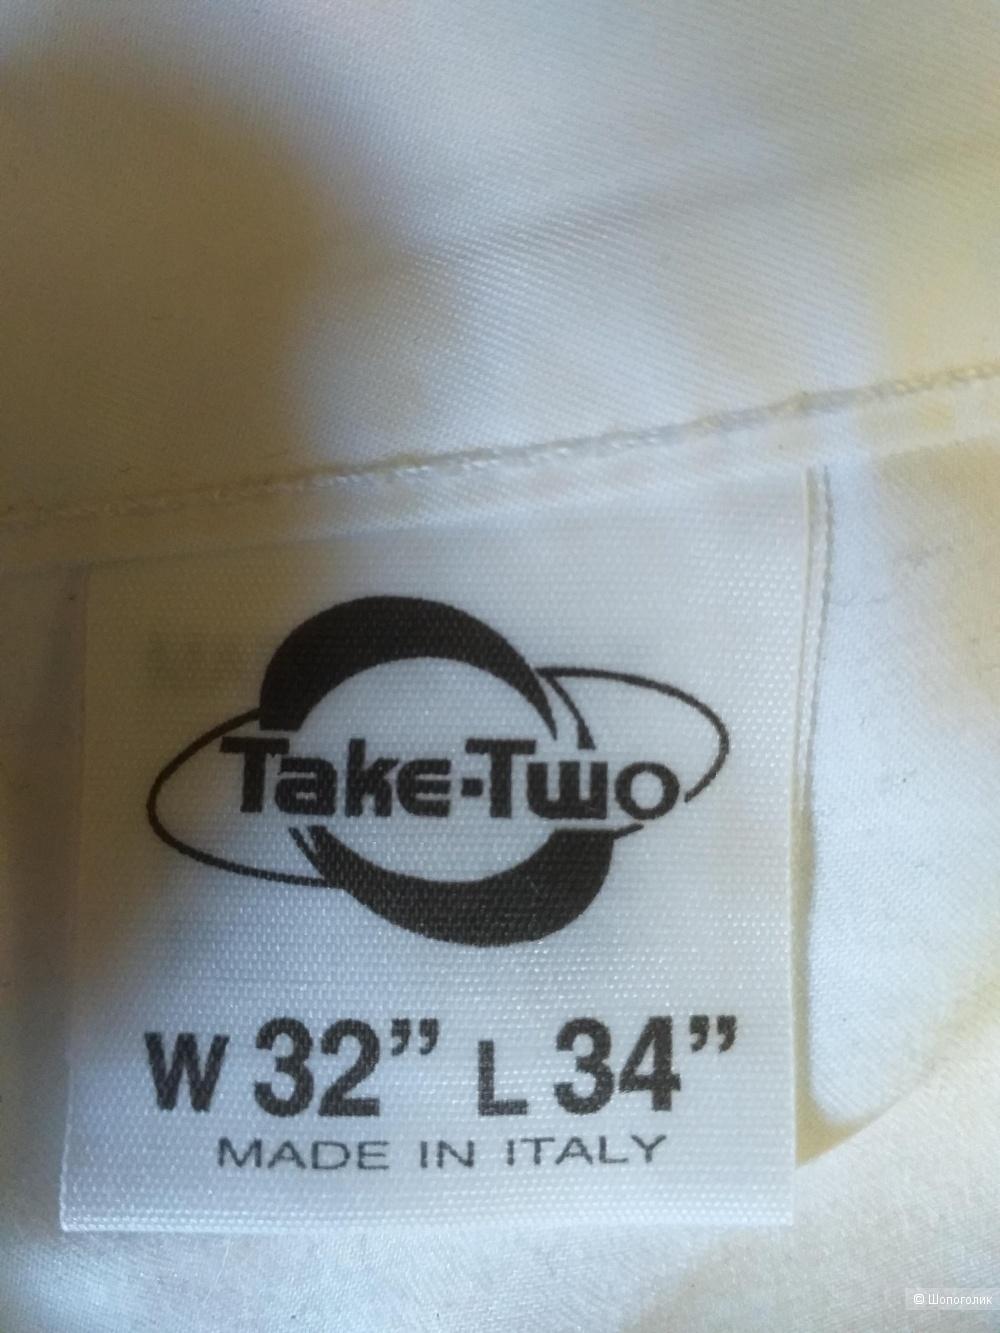 Брюки Take Two, L32 W34